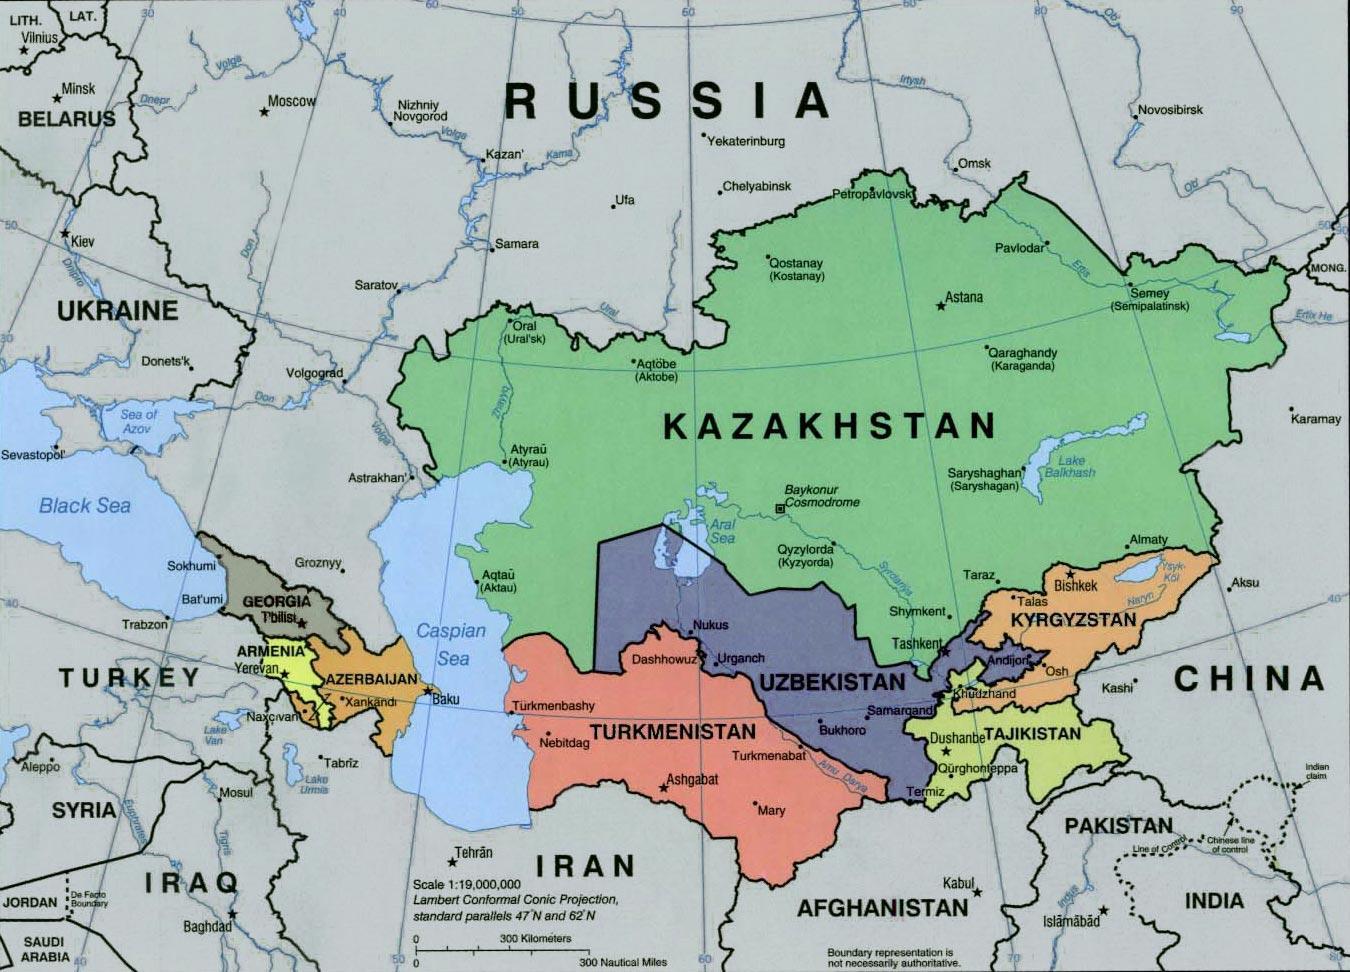 La Carte De Lasie Centrale.La Russie Et L Asie Centrale Carte Carte De La Russie Et